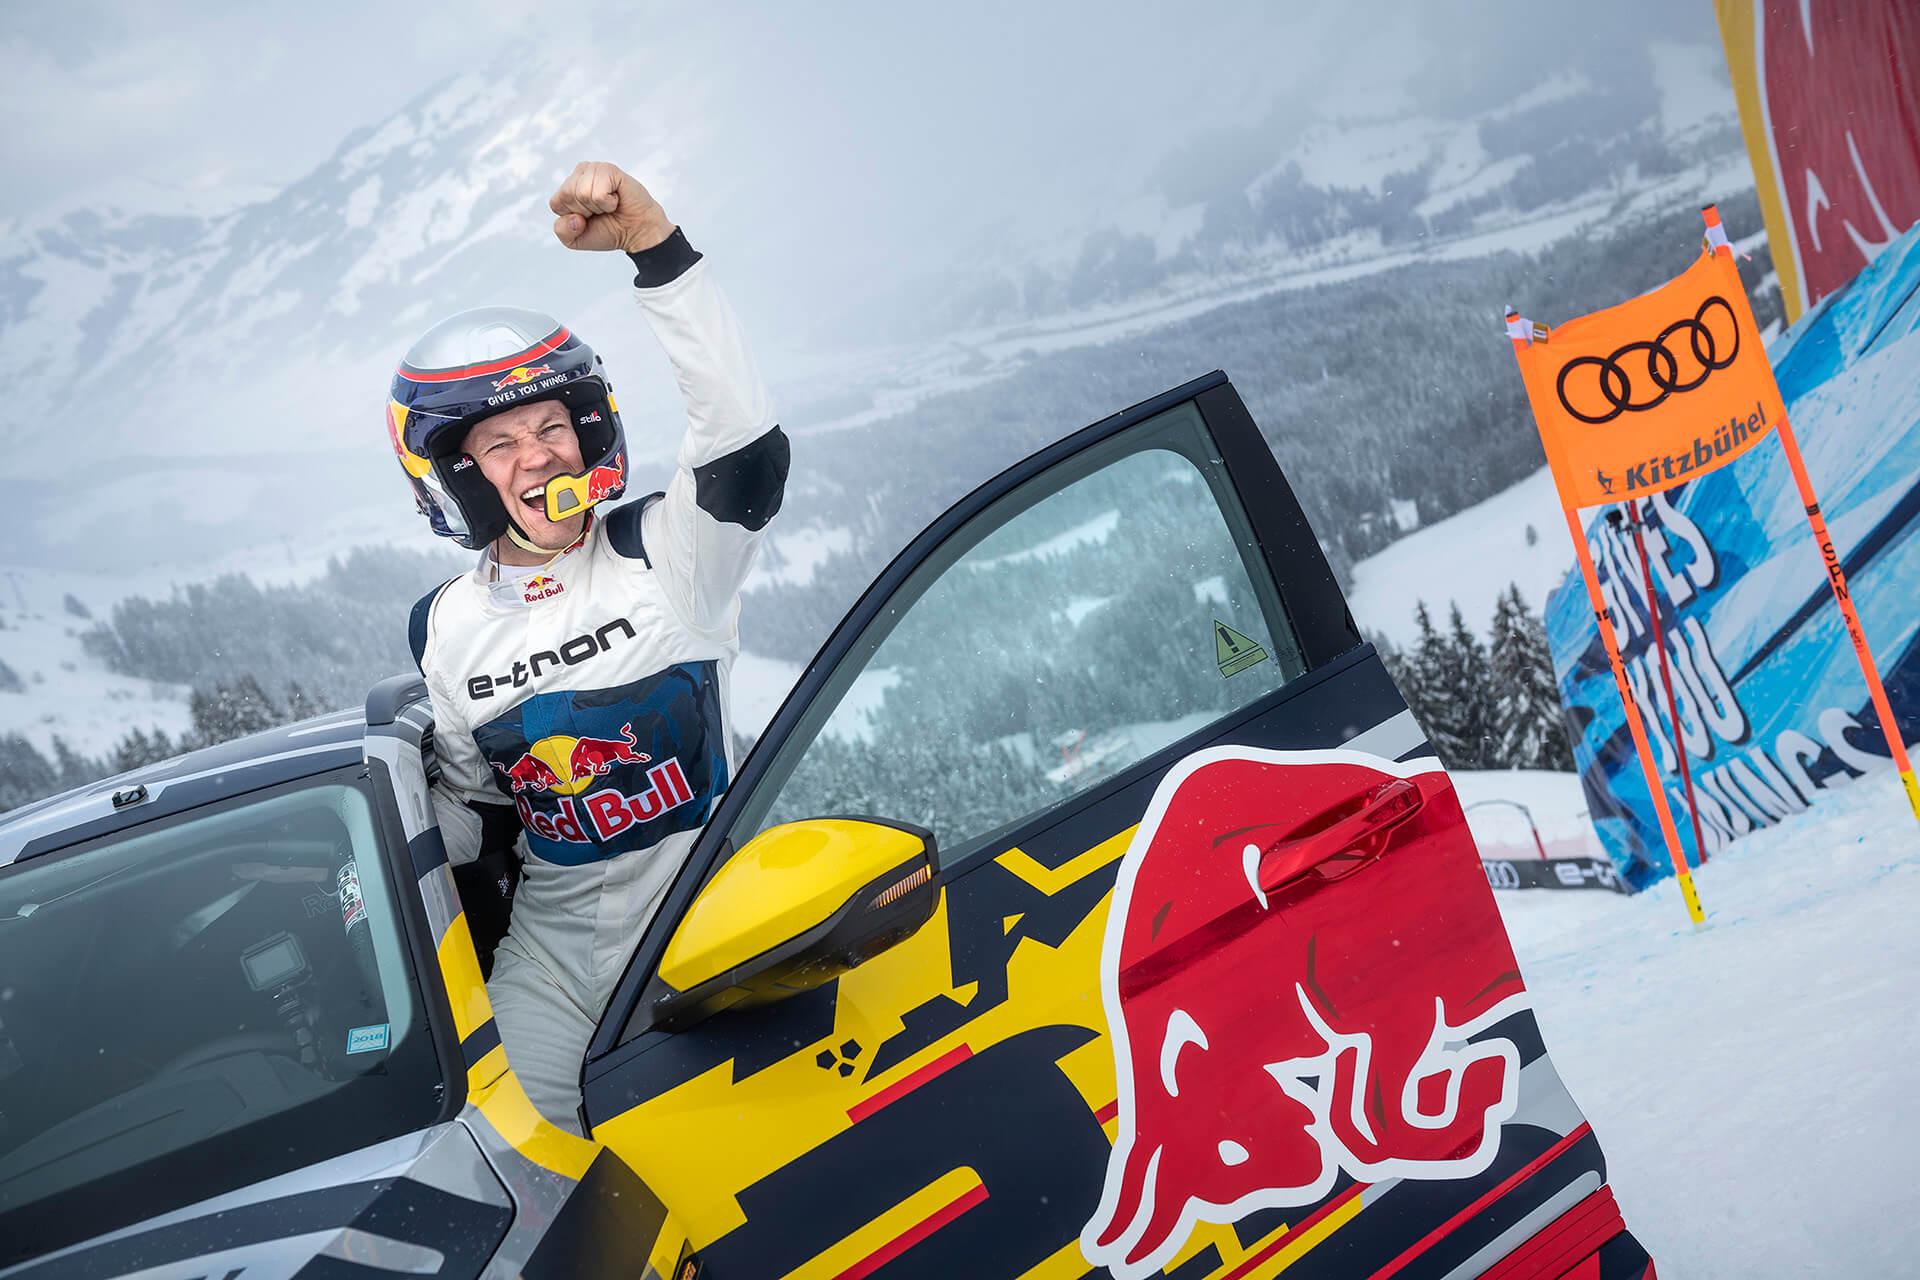 """Το 2019, ο πρωταθλητής αγώνων ράλι και πίστας, Mattias Ekström, ανέβηκε οδηγώντας τη χιονισμένη πίστα σκι του """"Streif"""", στο διάσημο Kitzbühel"""